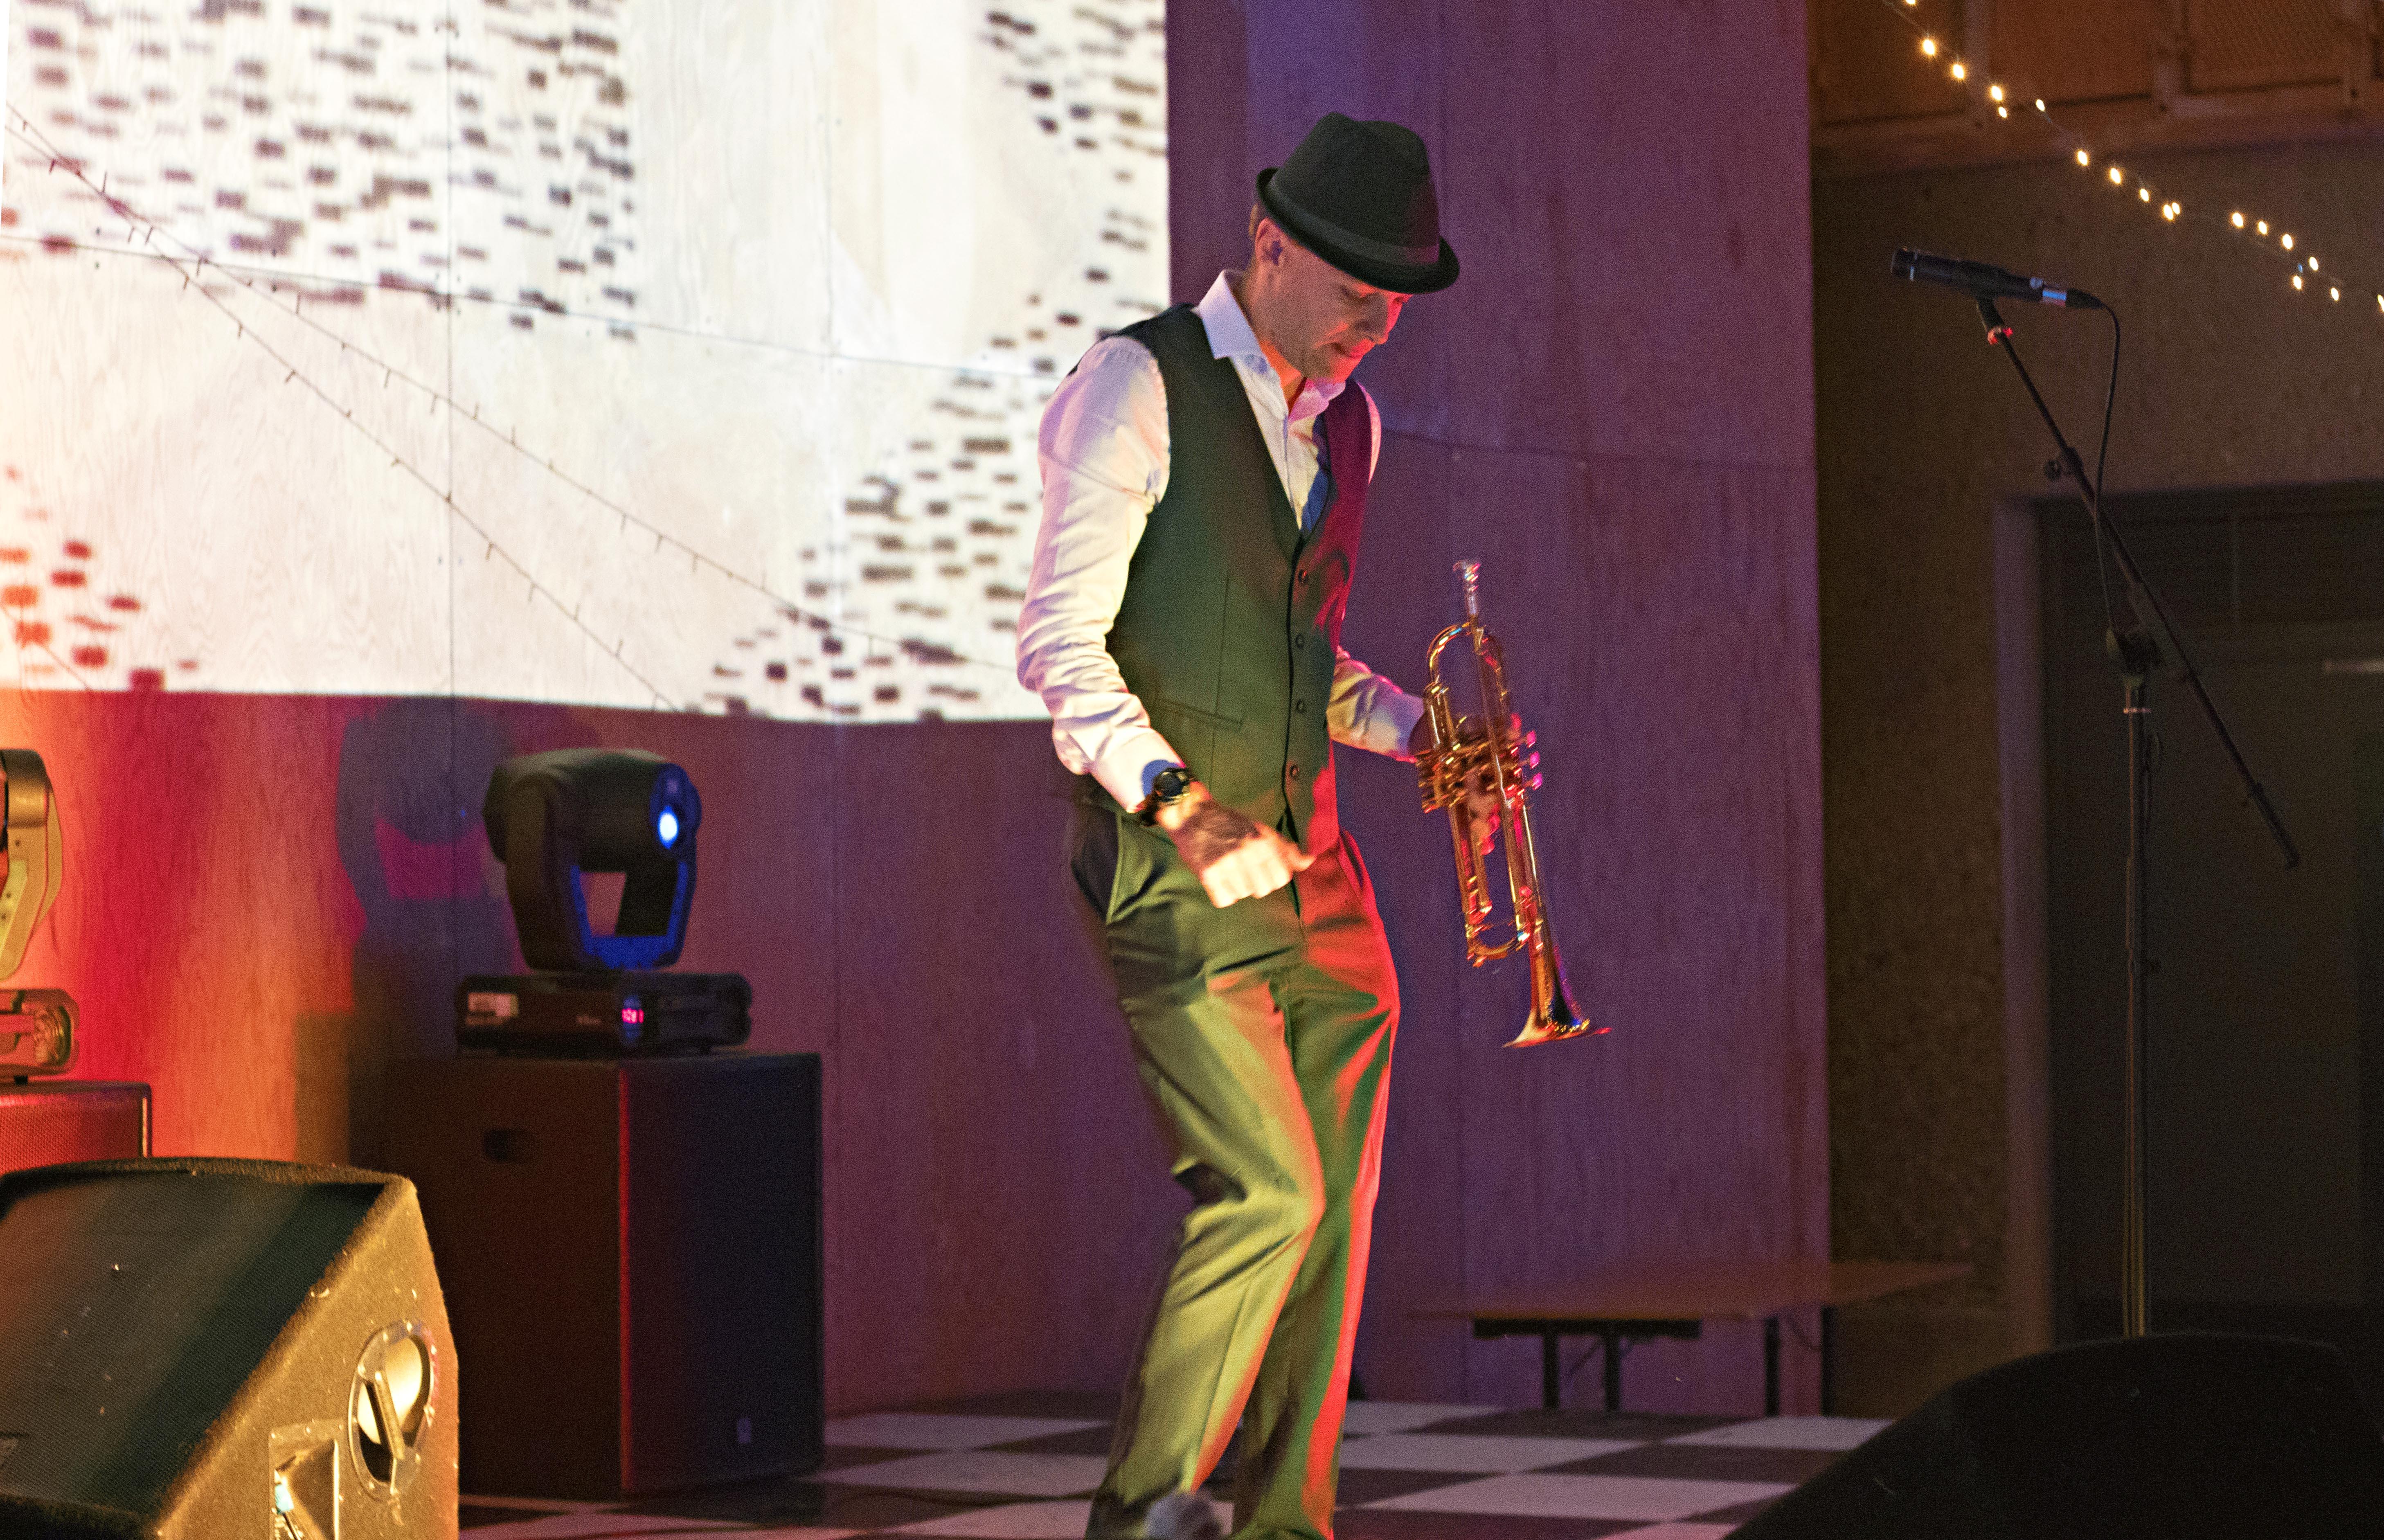 Dan The Trumpet Man Dancing & Performing